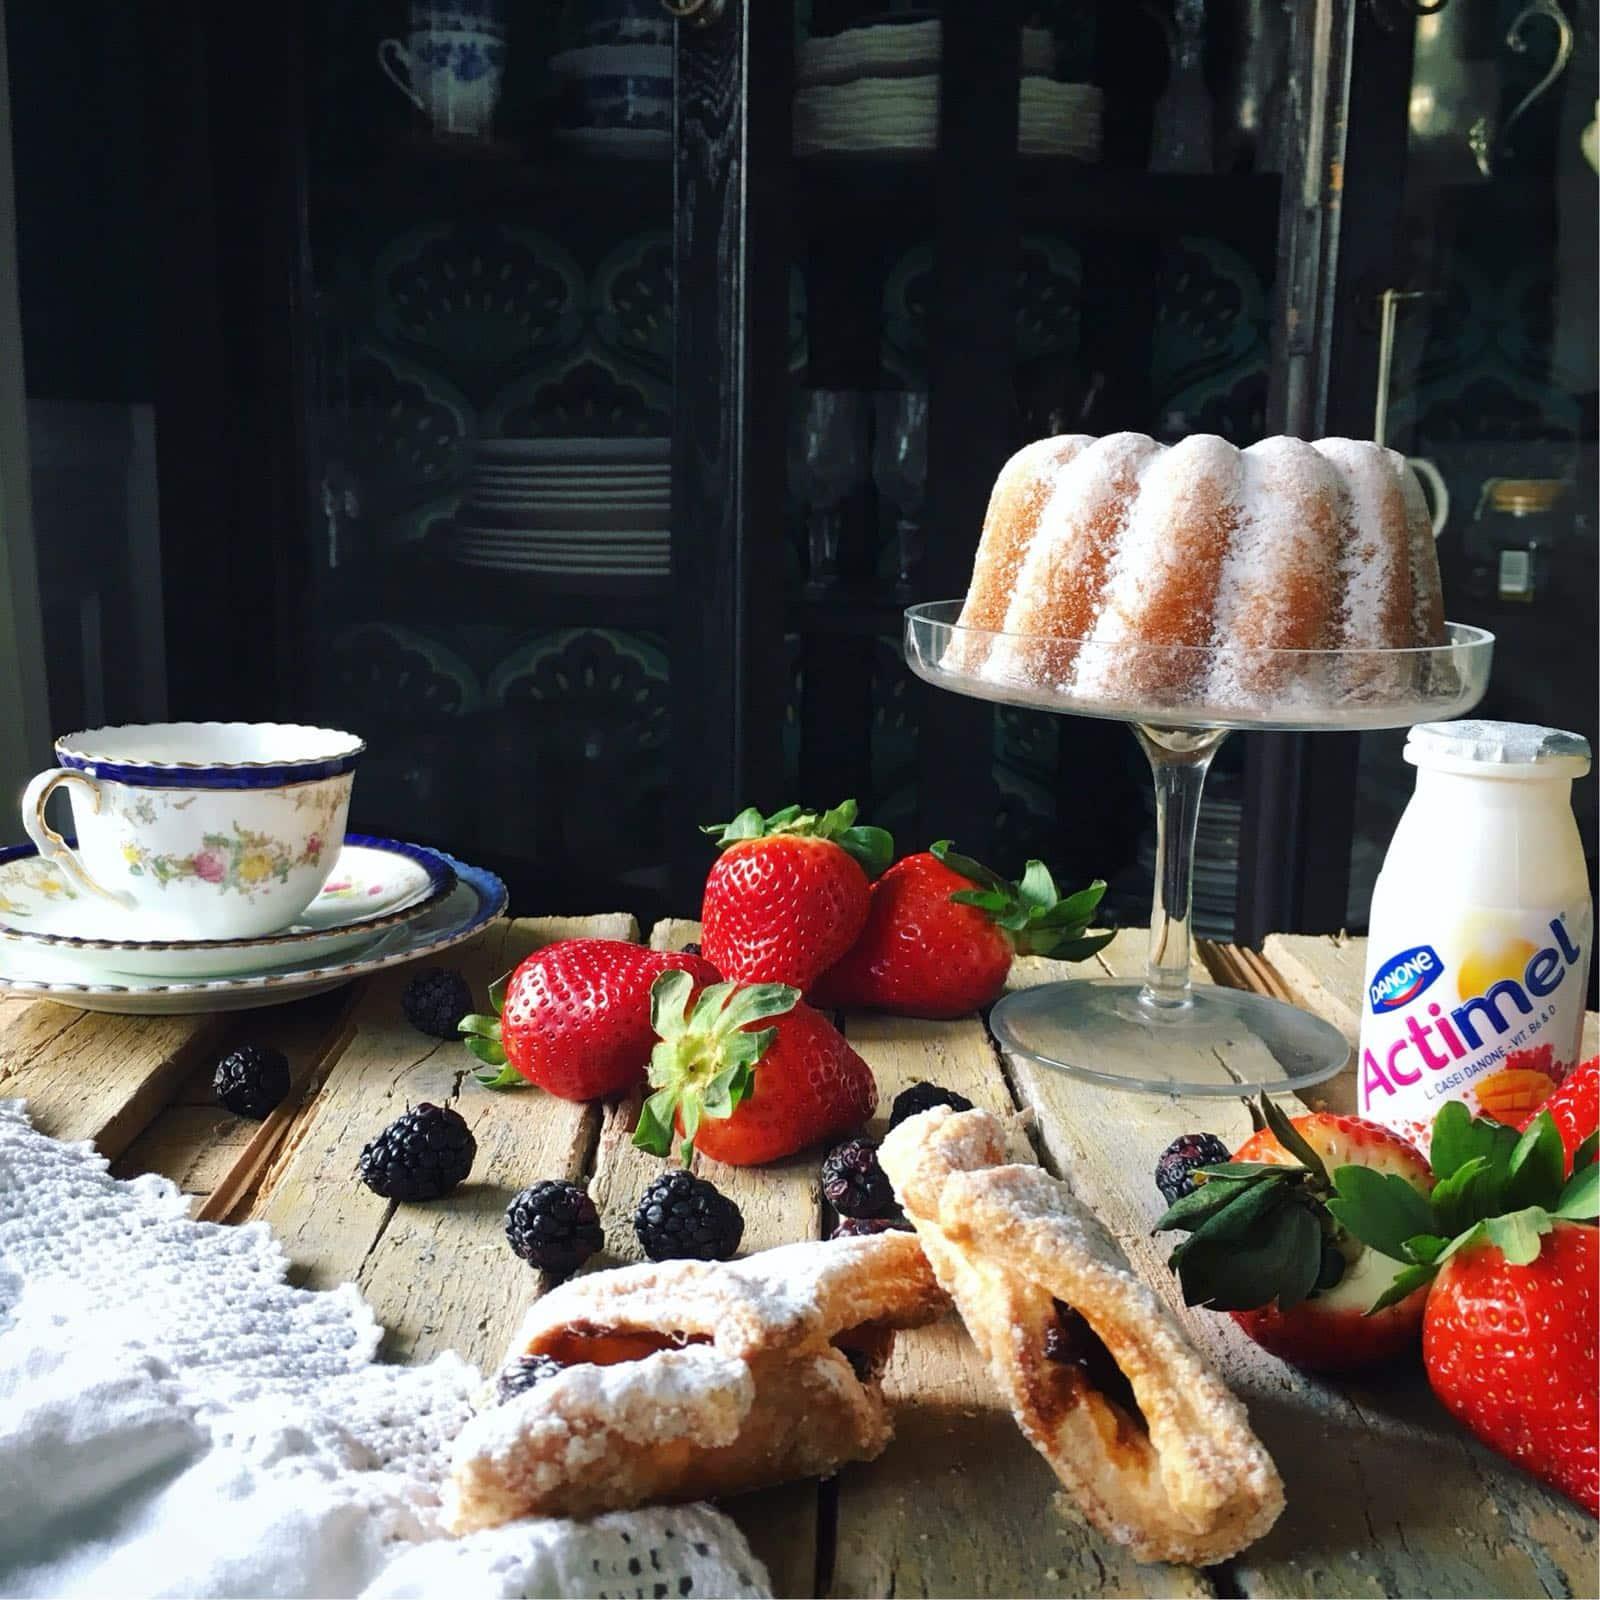 actimel colazione nuovi gusti